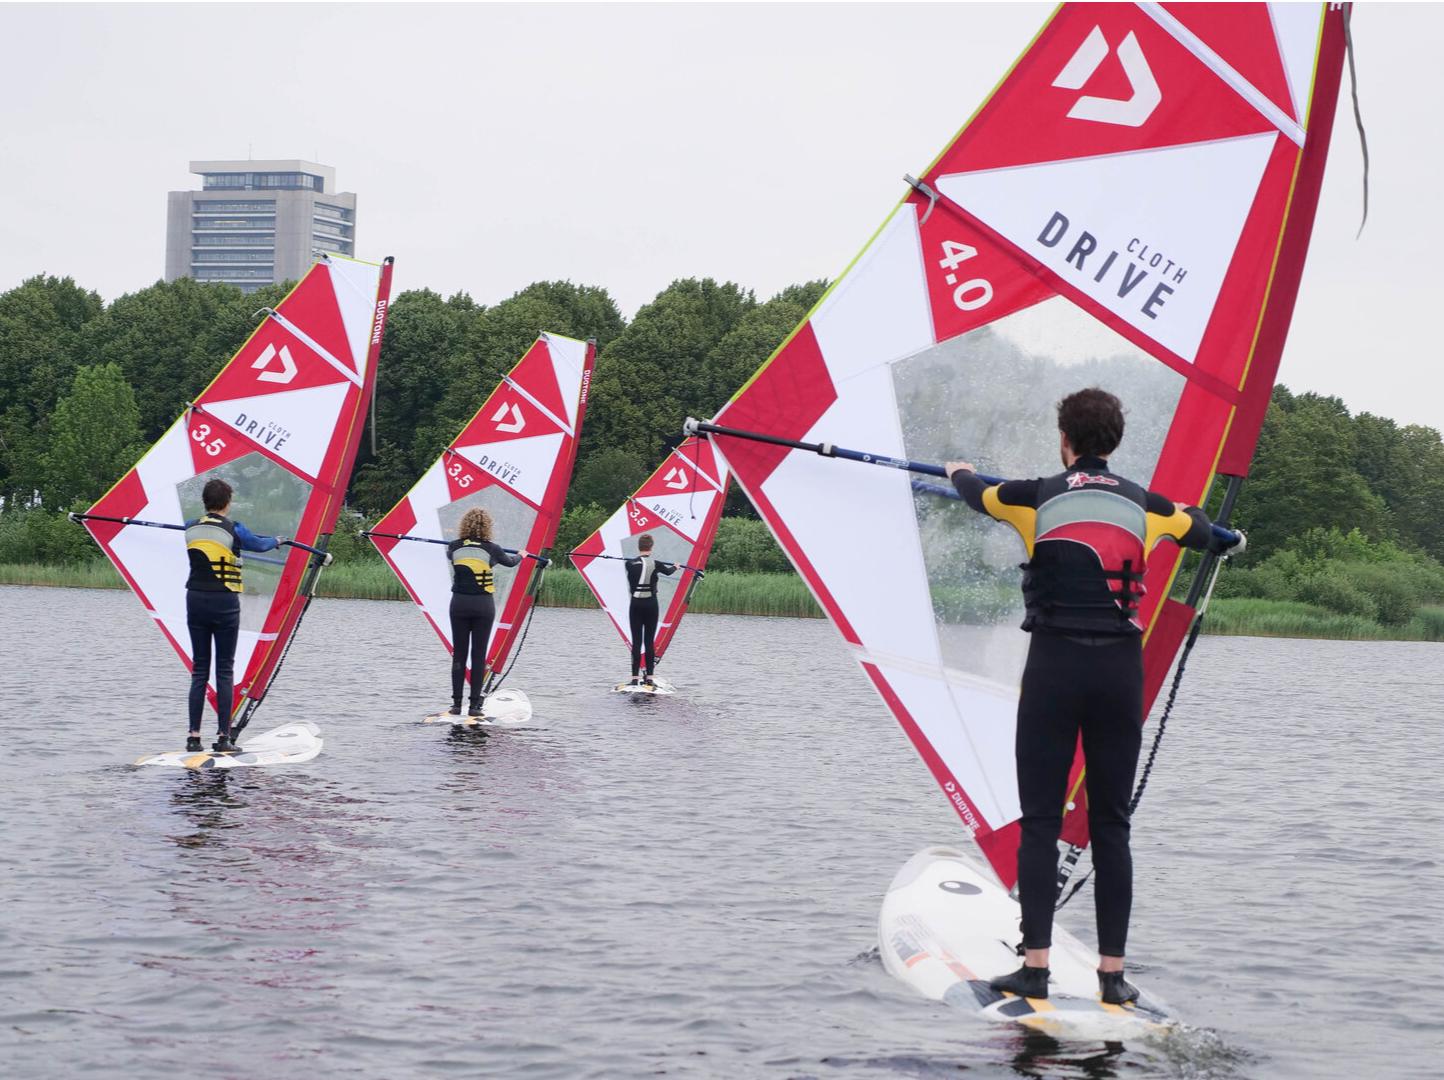 Leren windsurfen cwo